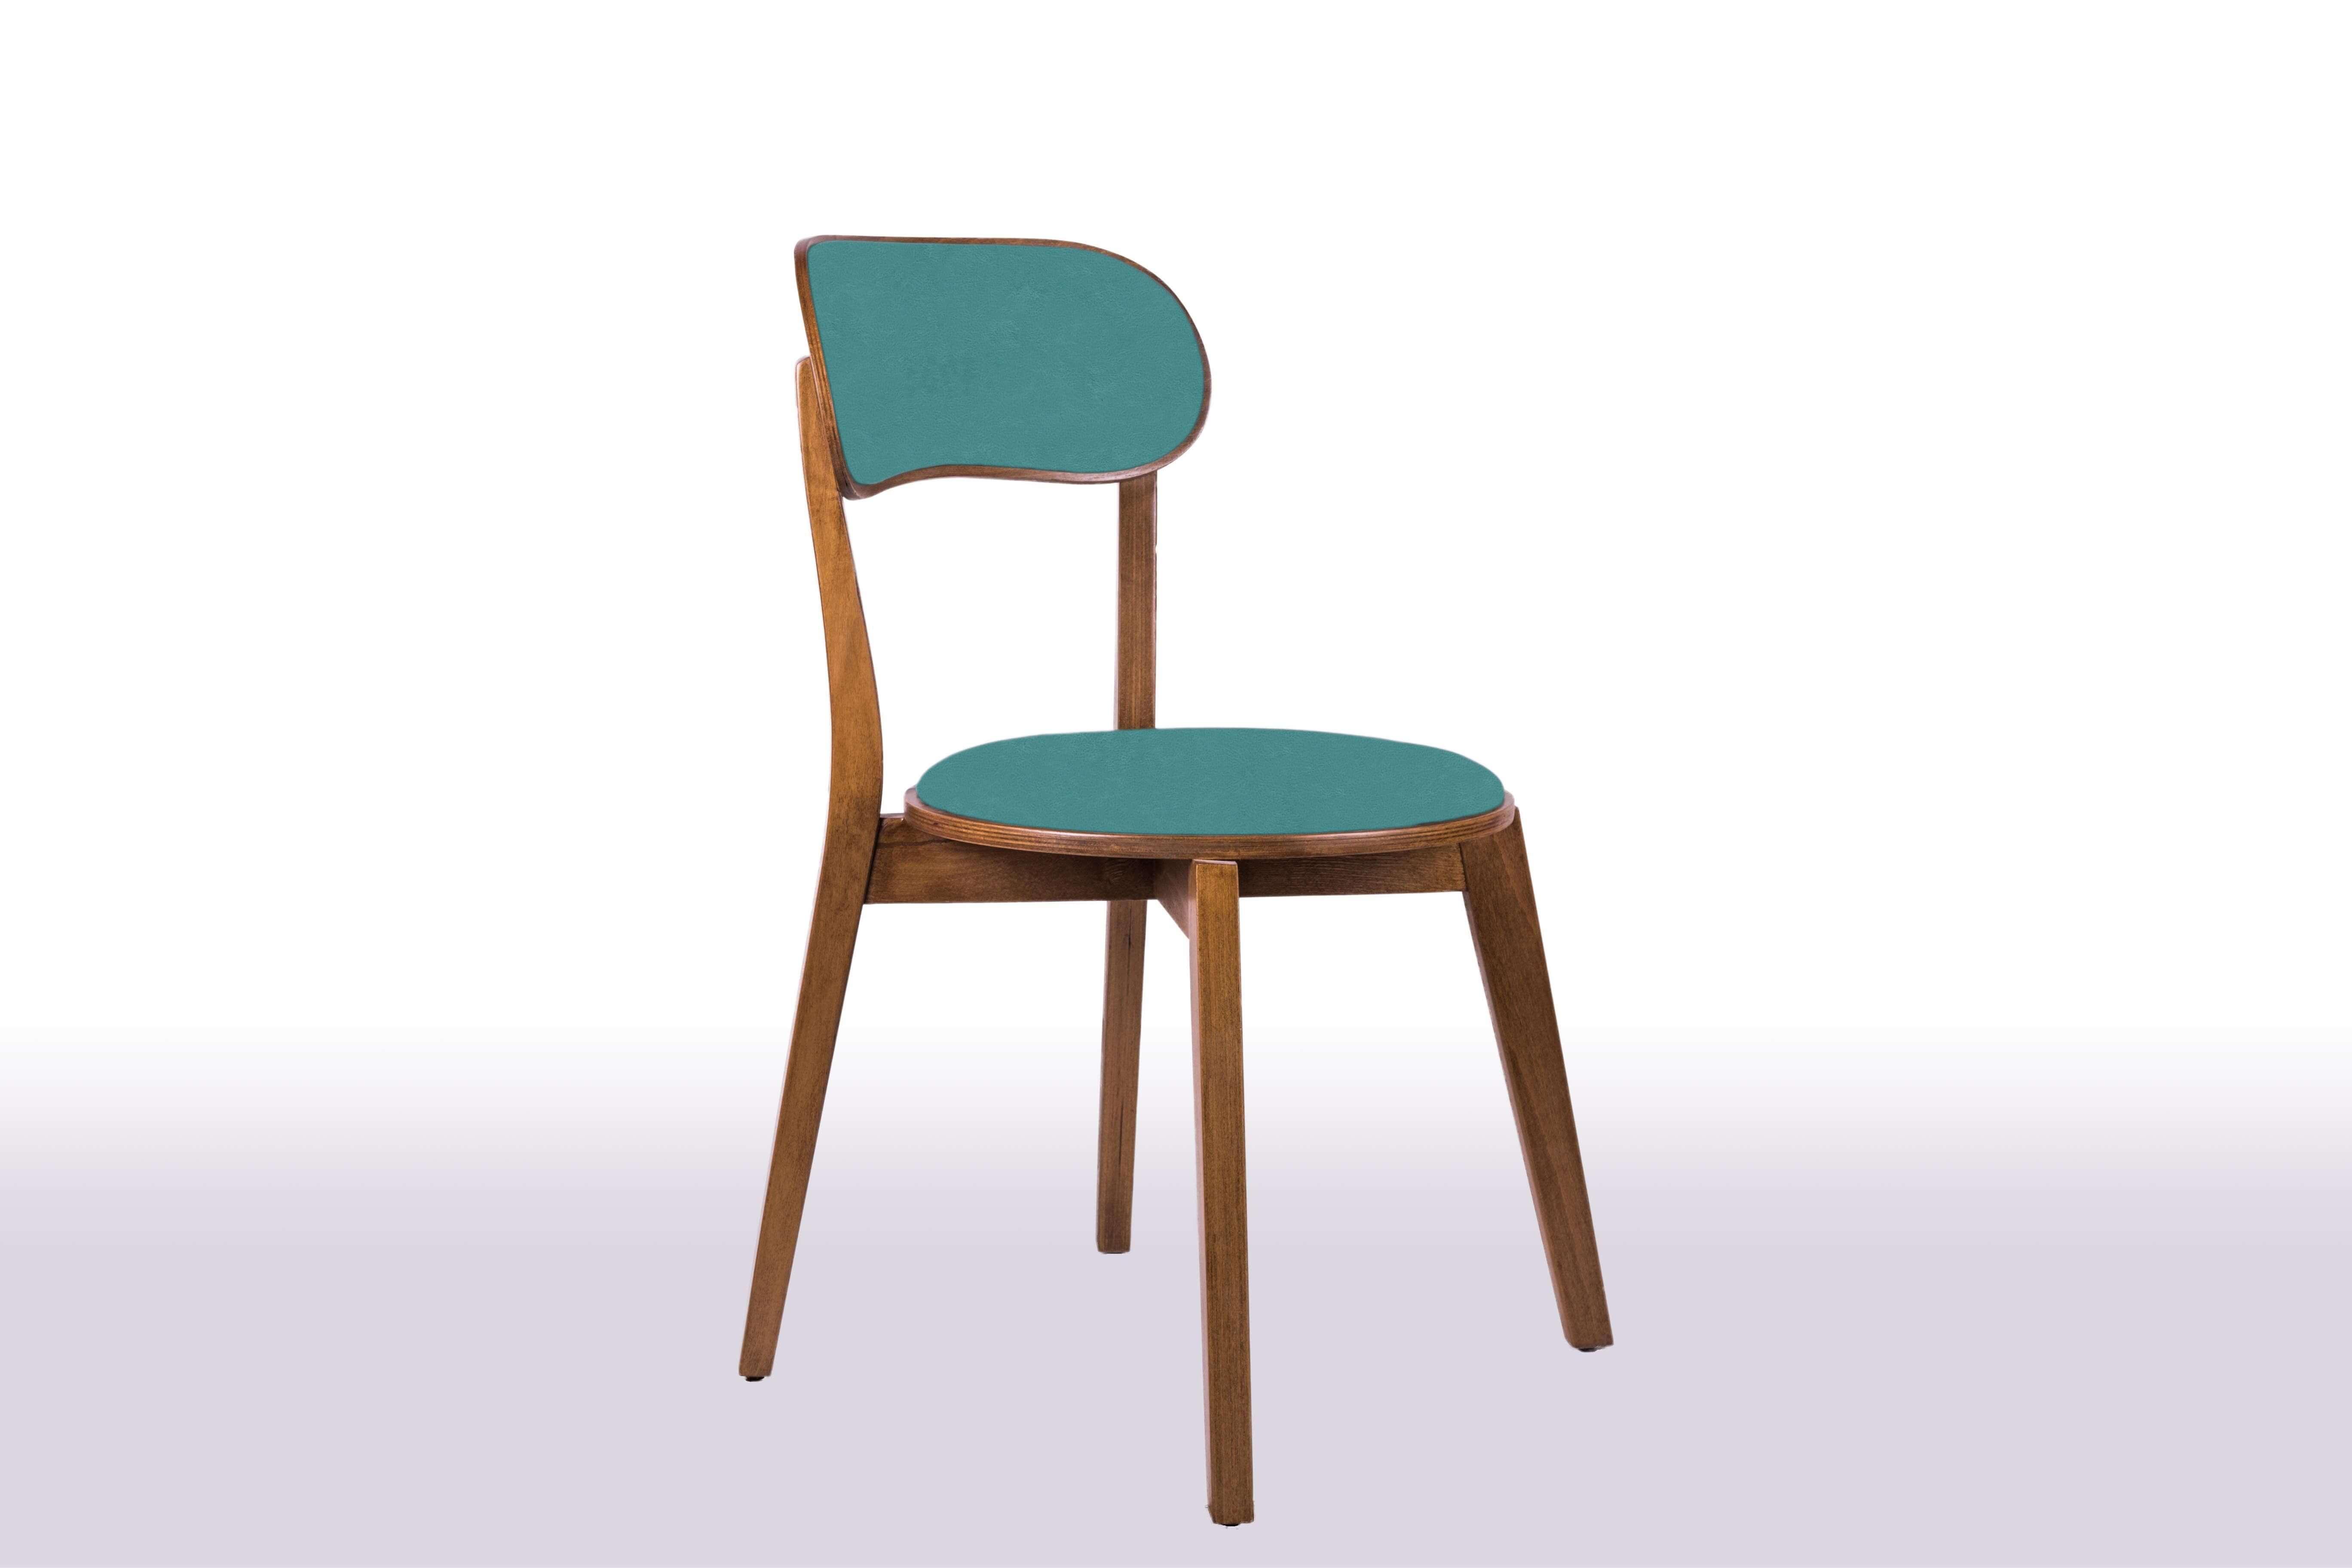 Mira Sandalye Modeli Çapraz Görünüm